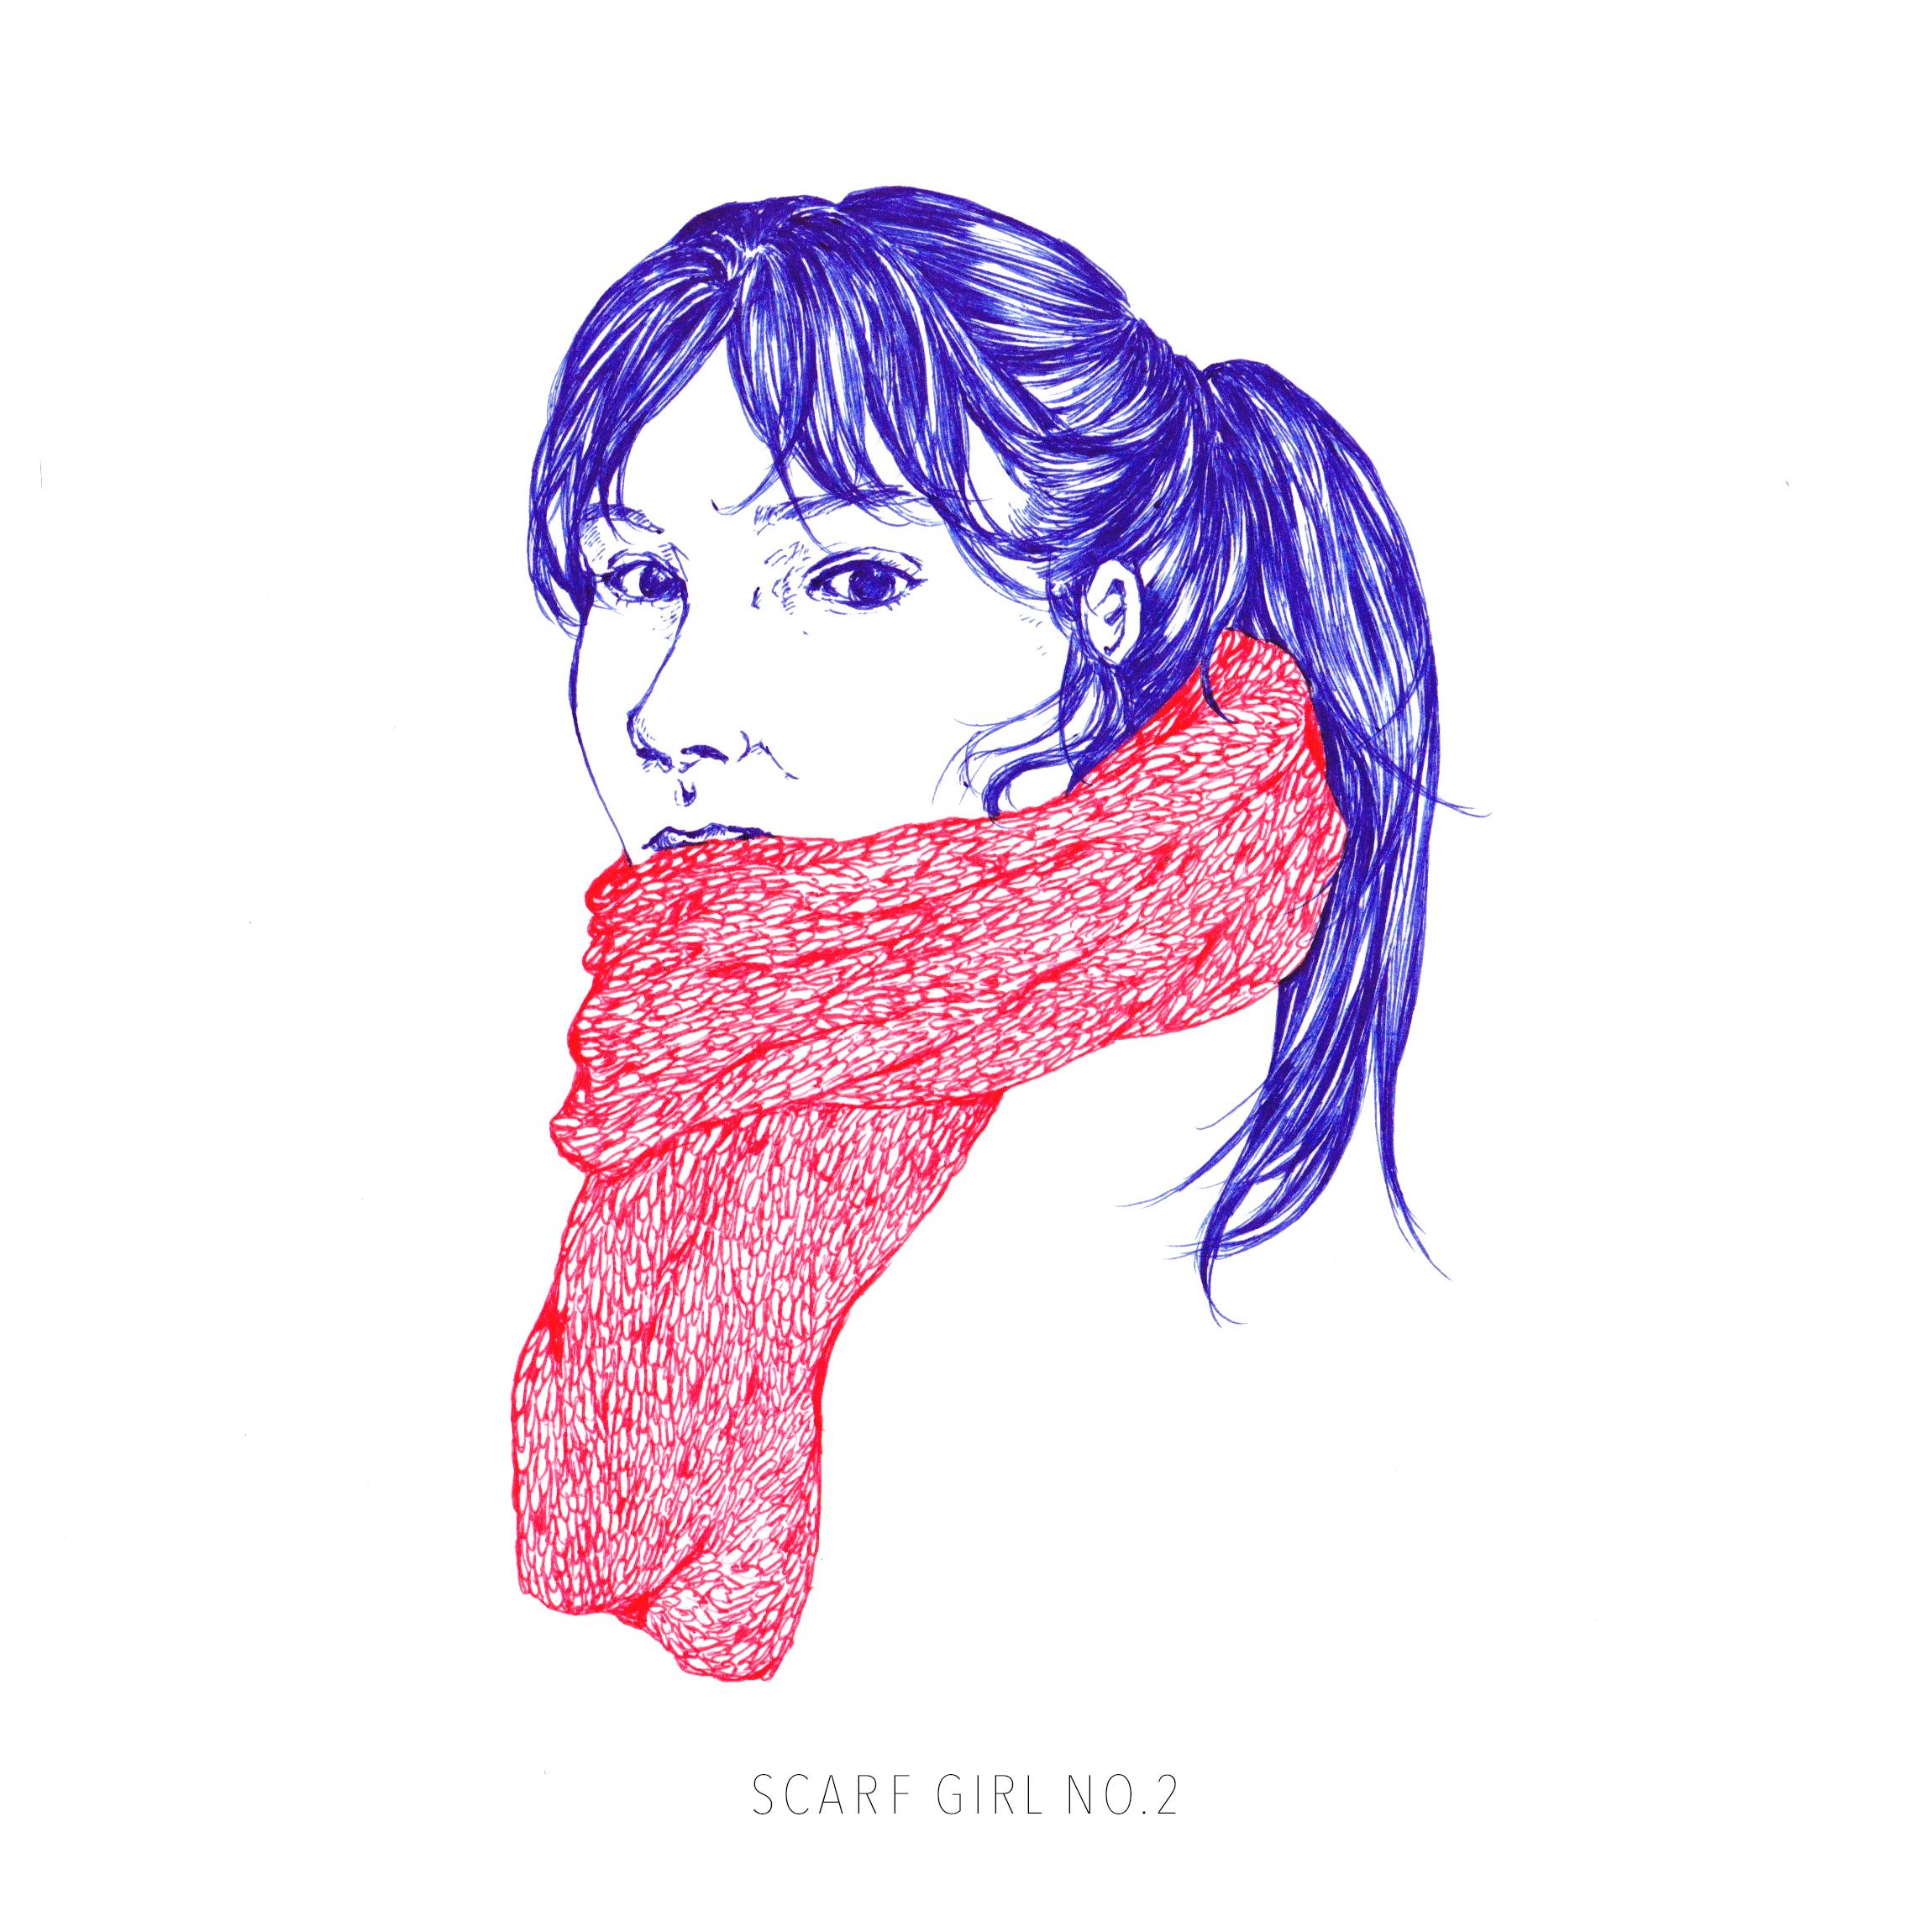 scarf-girl_02.jpg